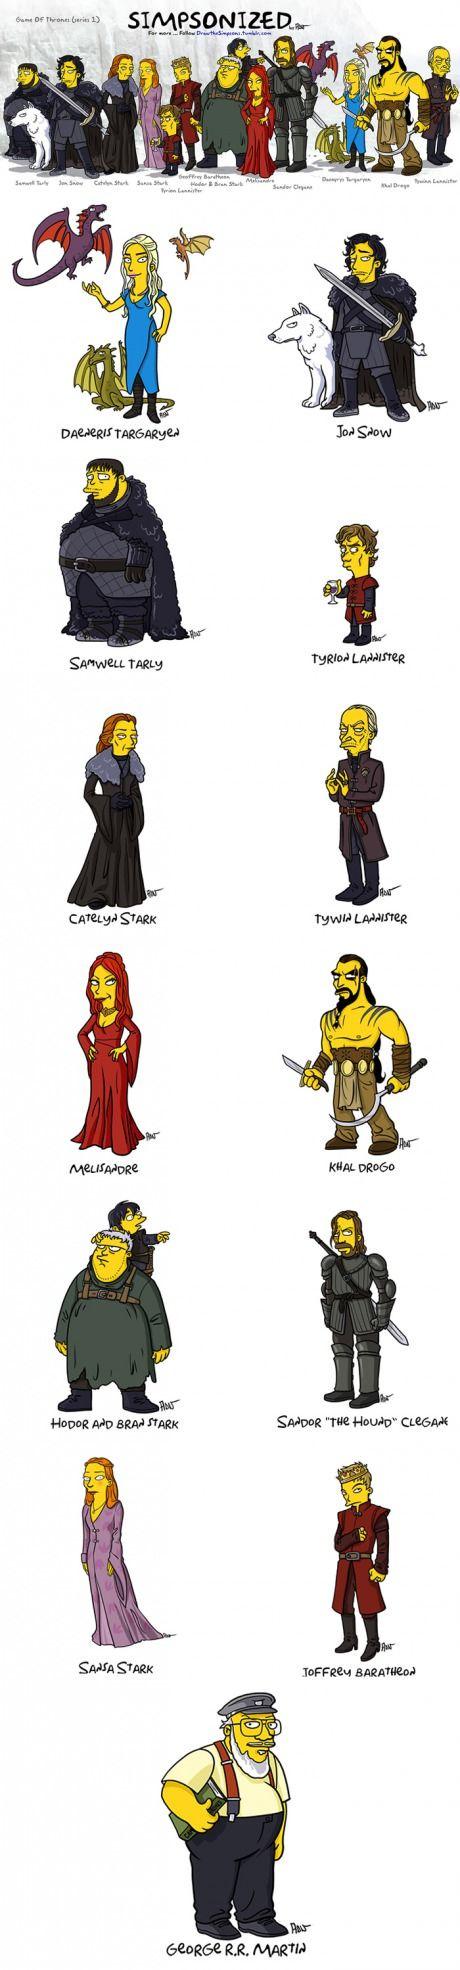 Game of Thrones Simpsonized…                                                                                                                                                                                 Mehr